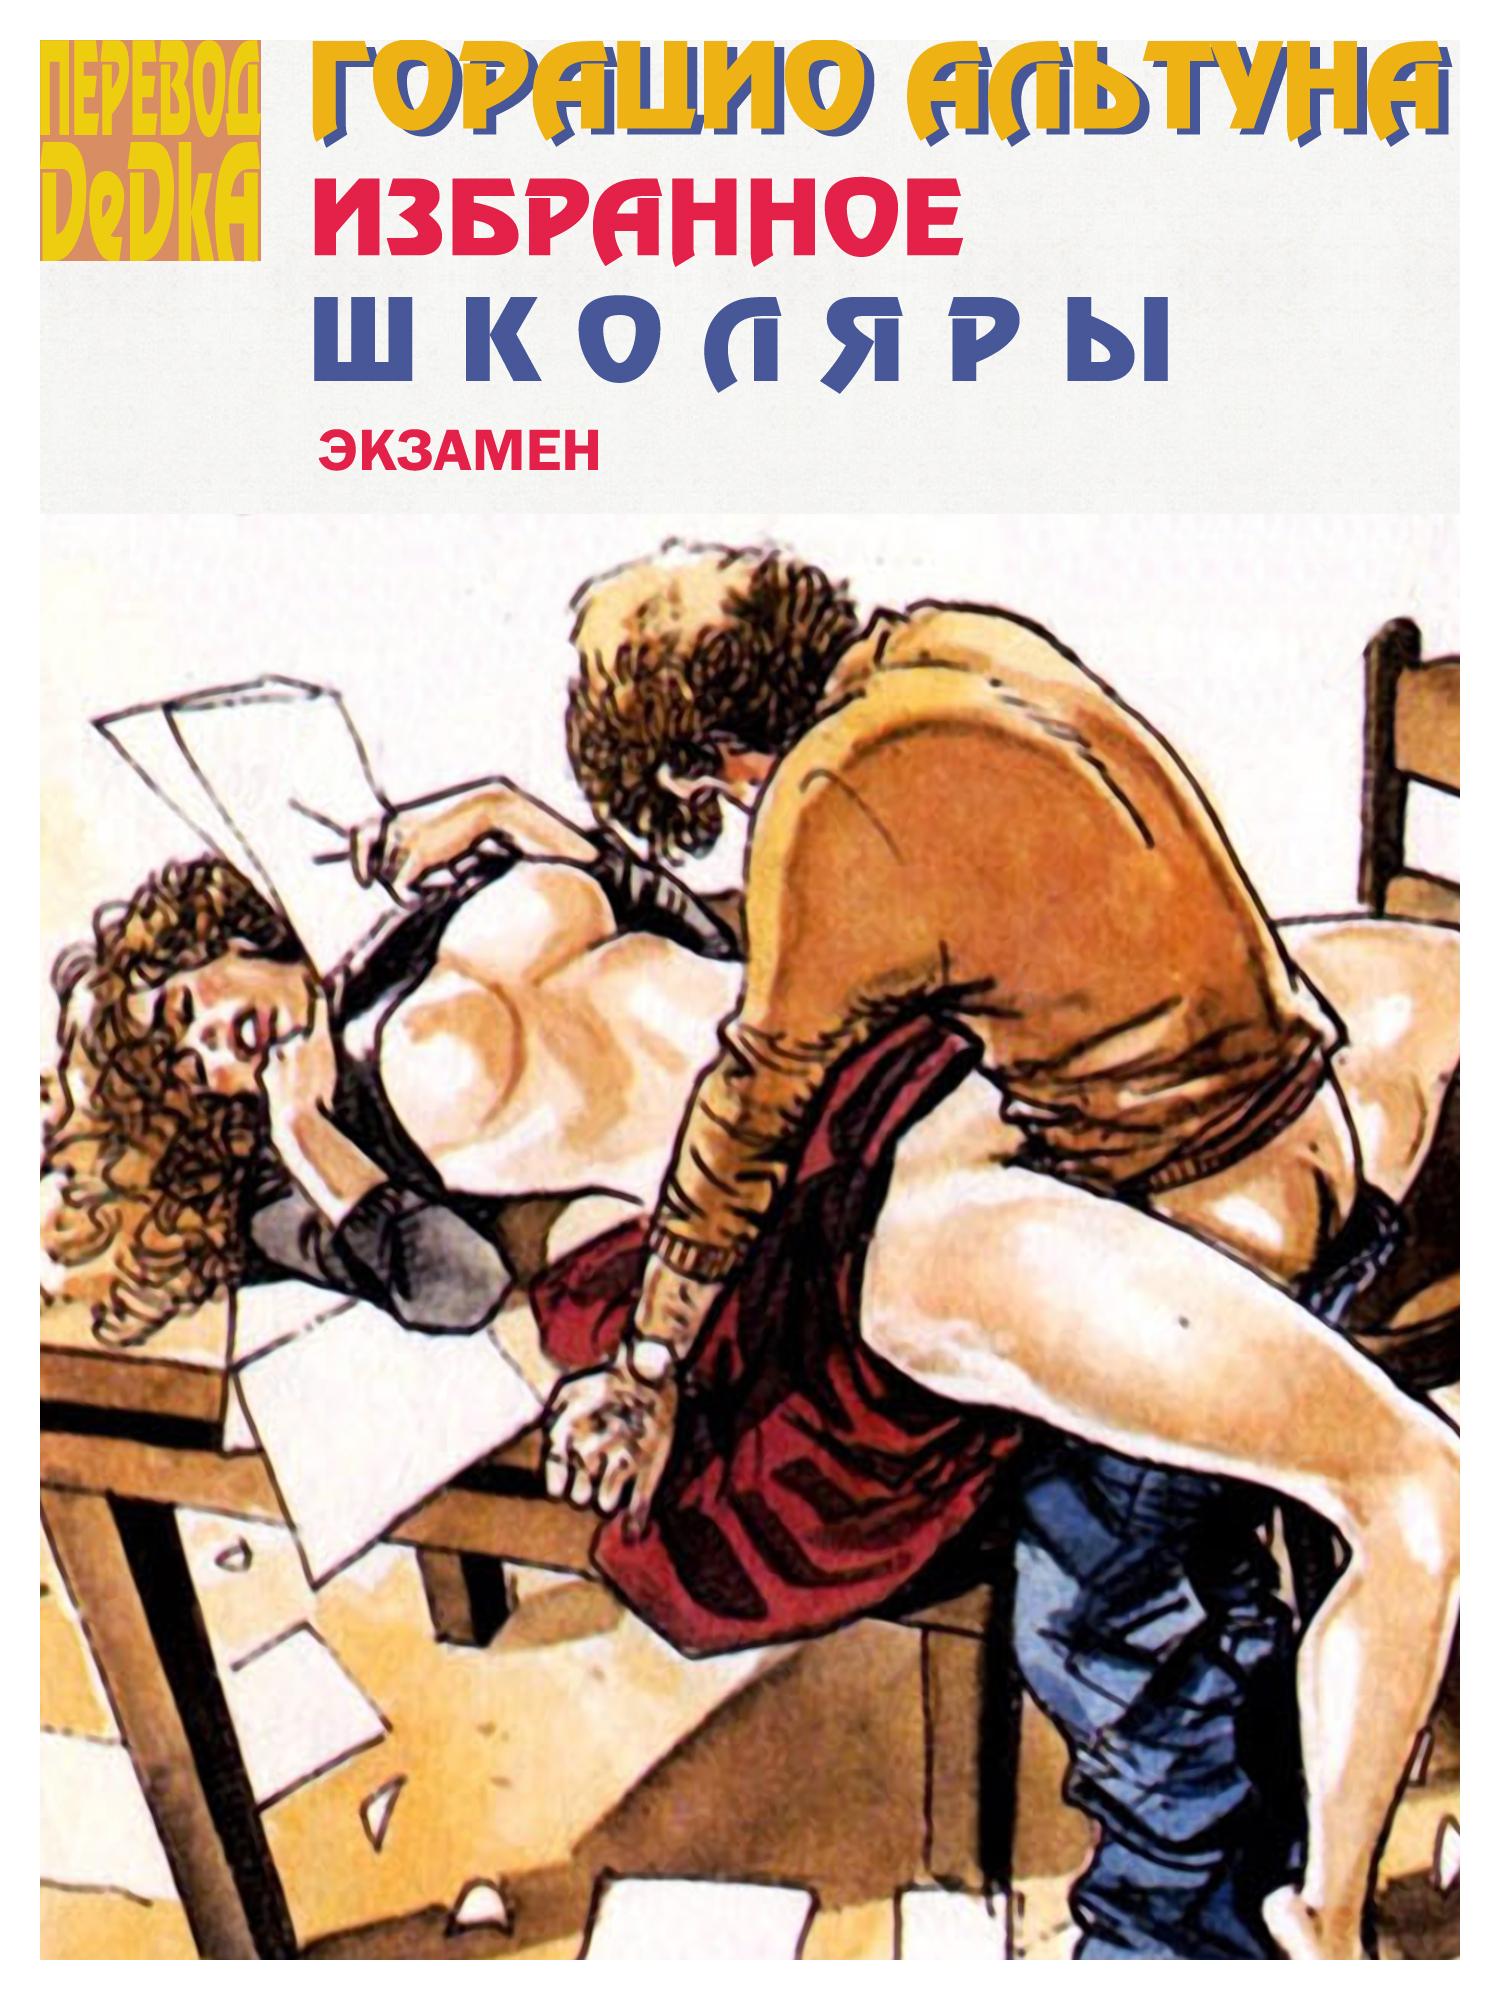 Смотрите секс видео онлайн. Бесплатный секс туб SexKod.com